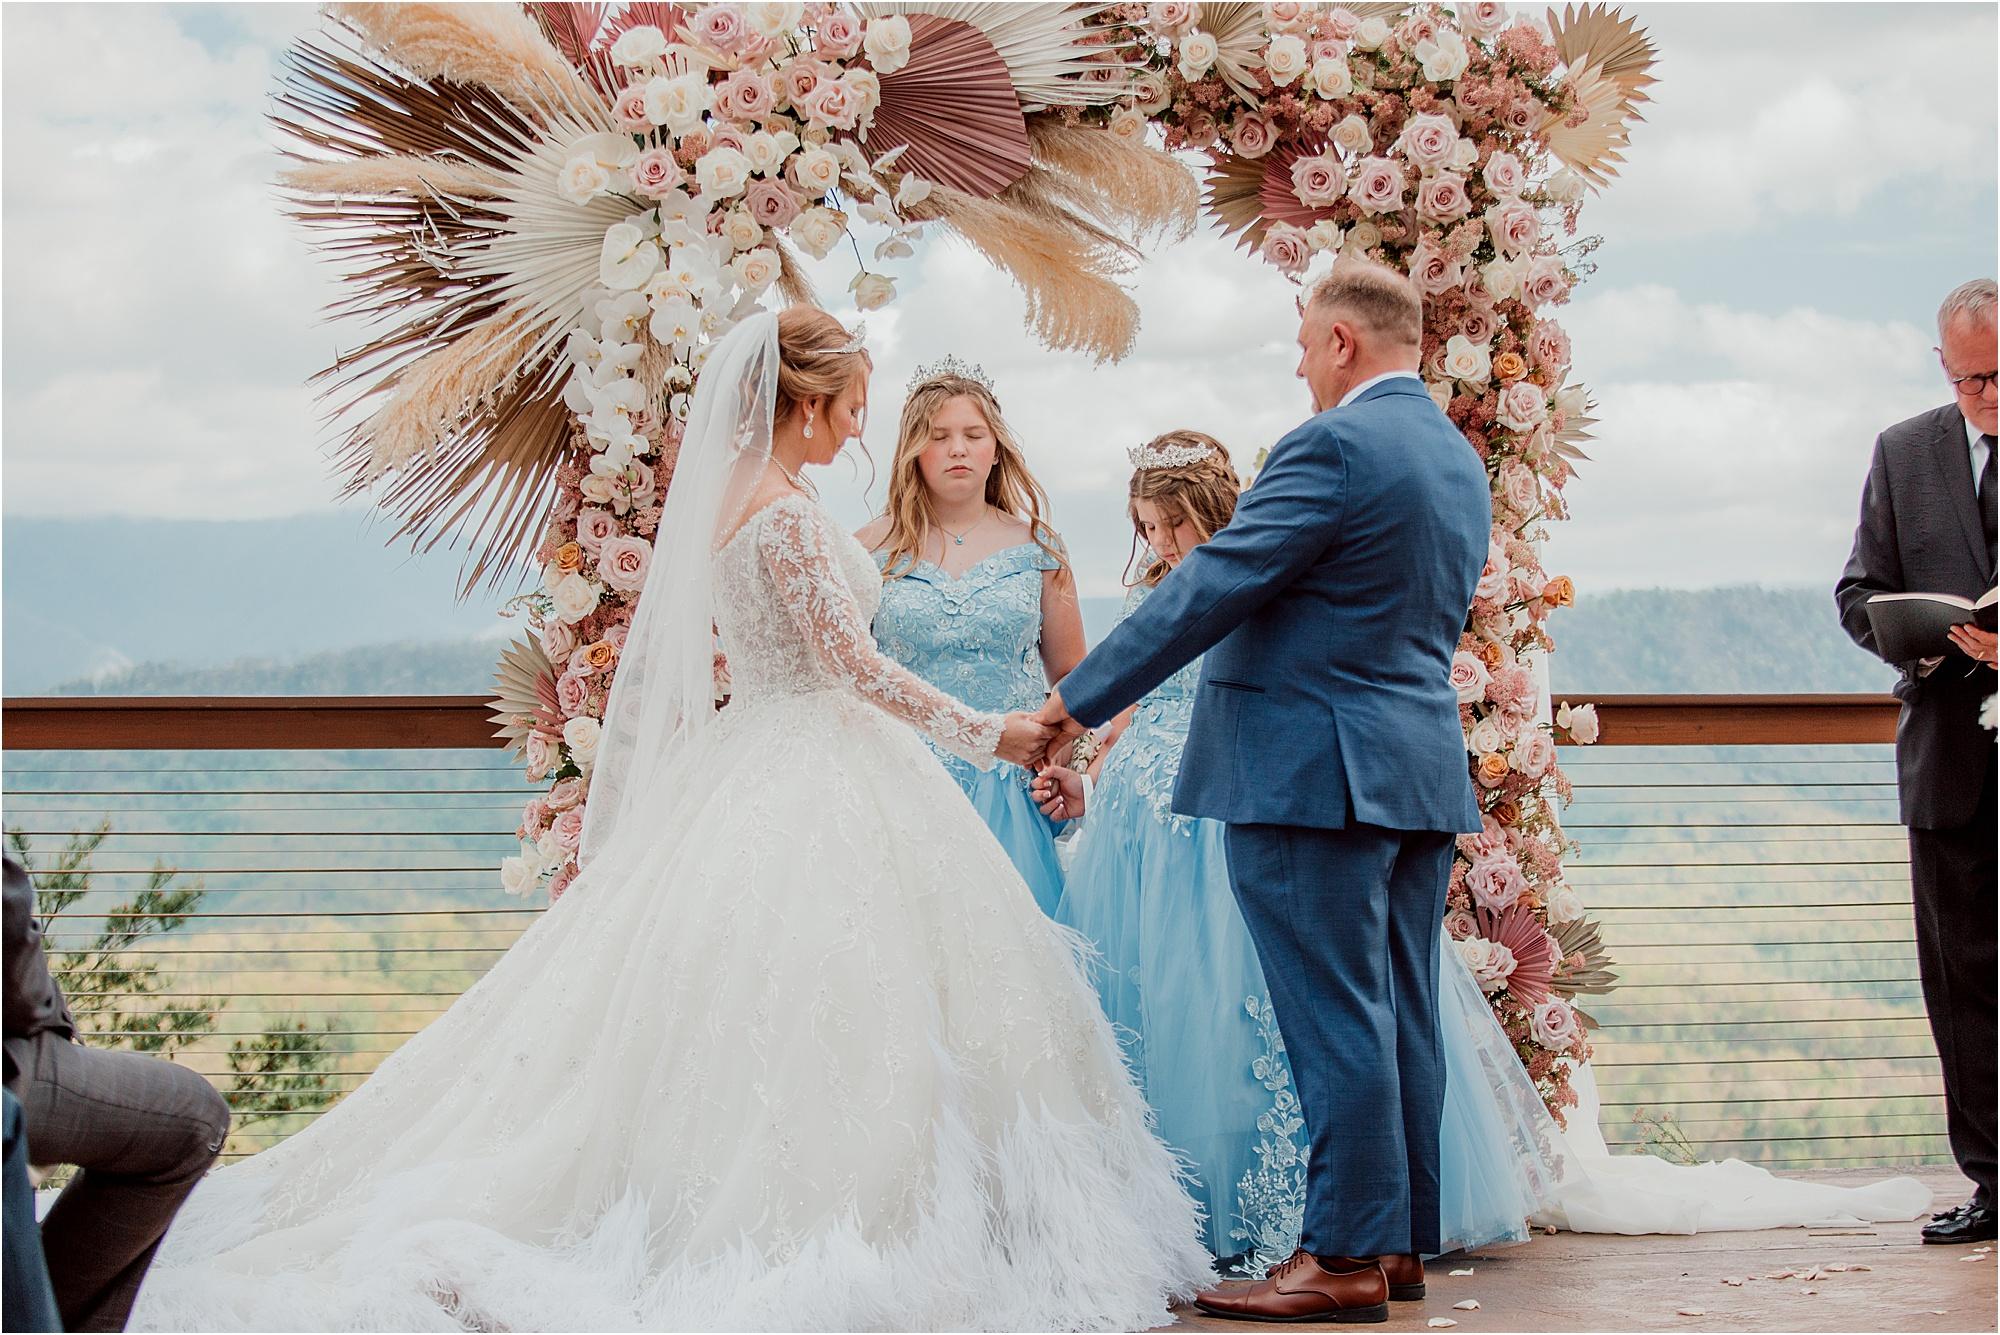 family prayer at wedding ceremony